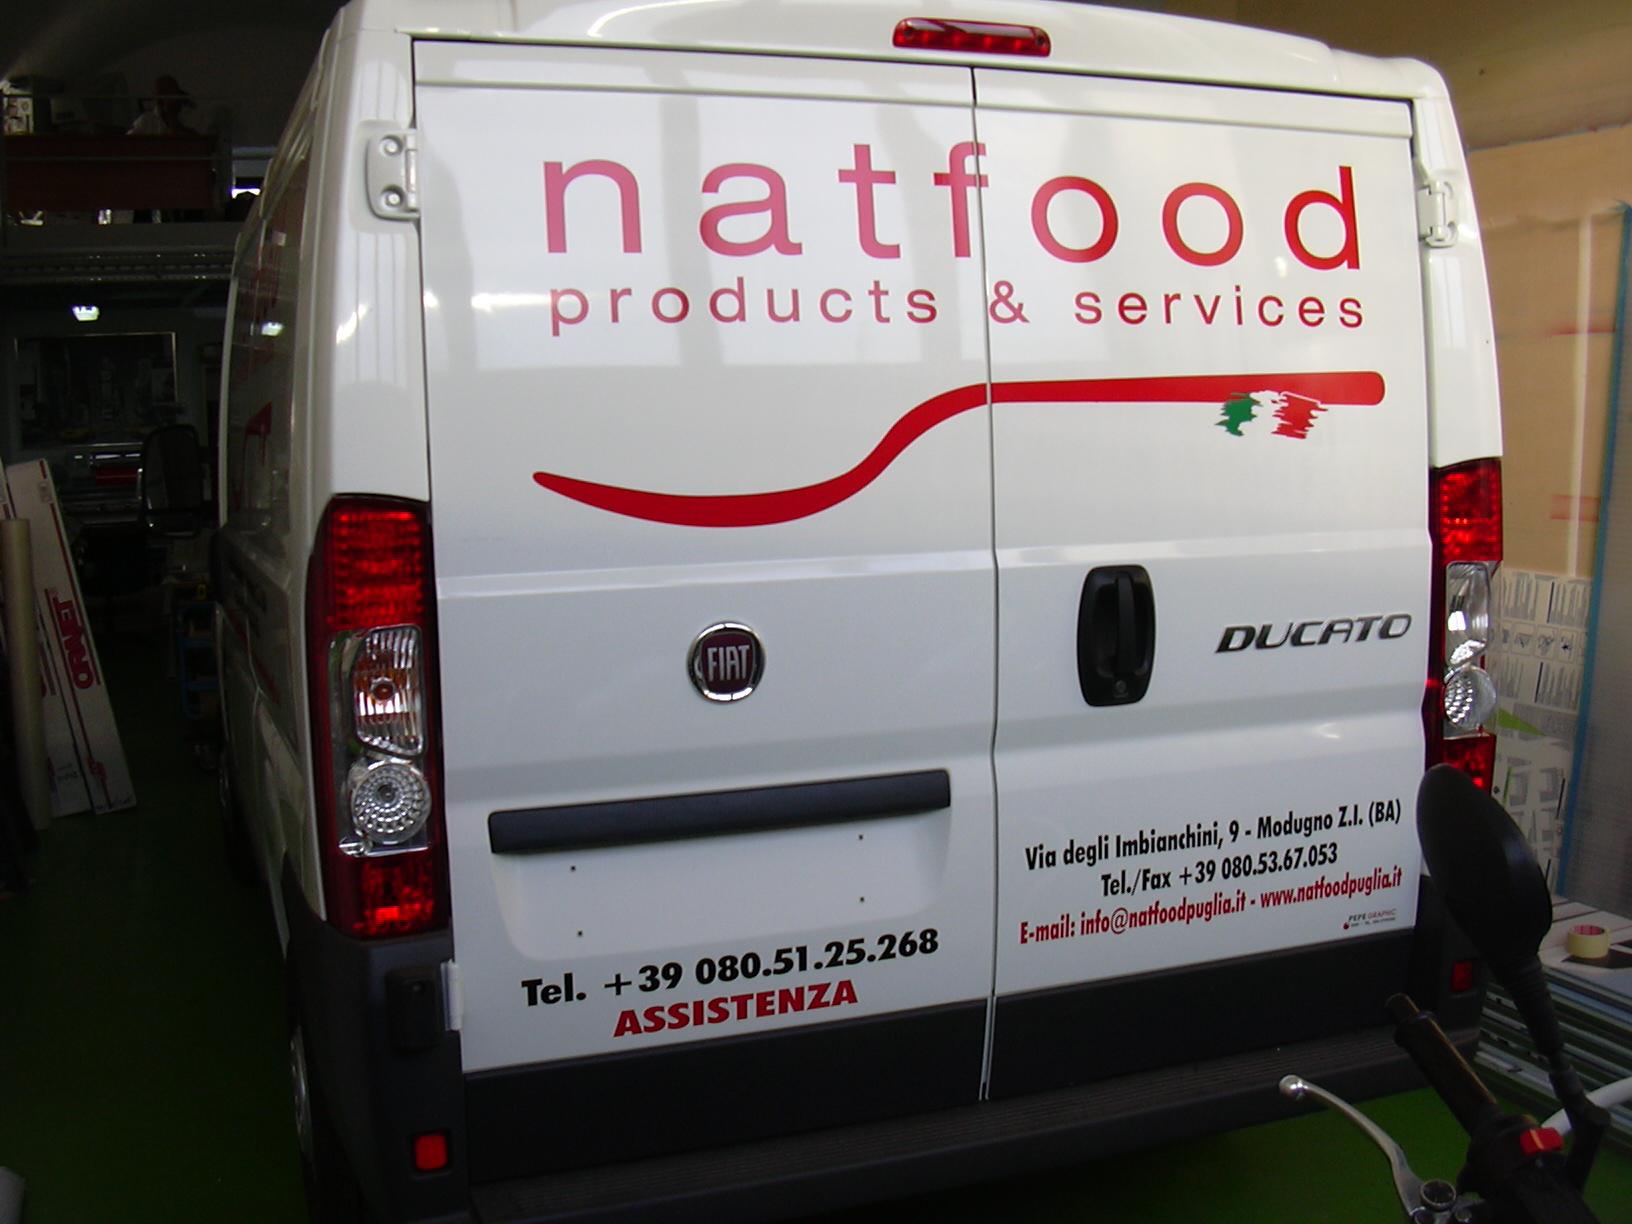 Natfood